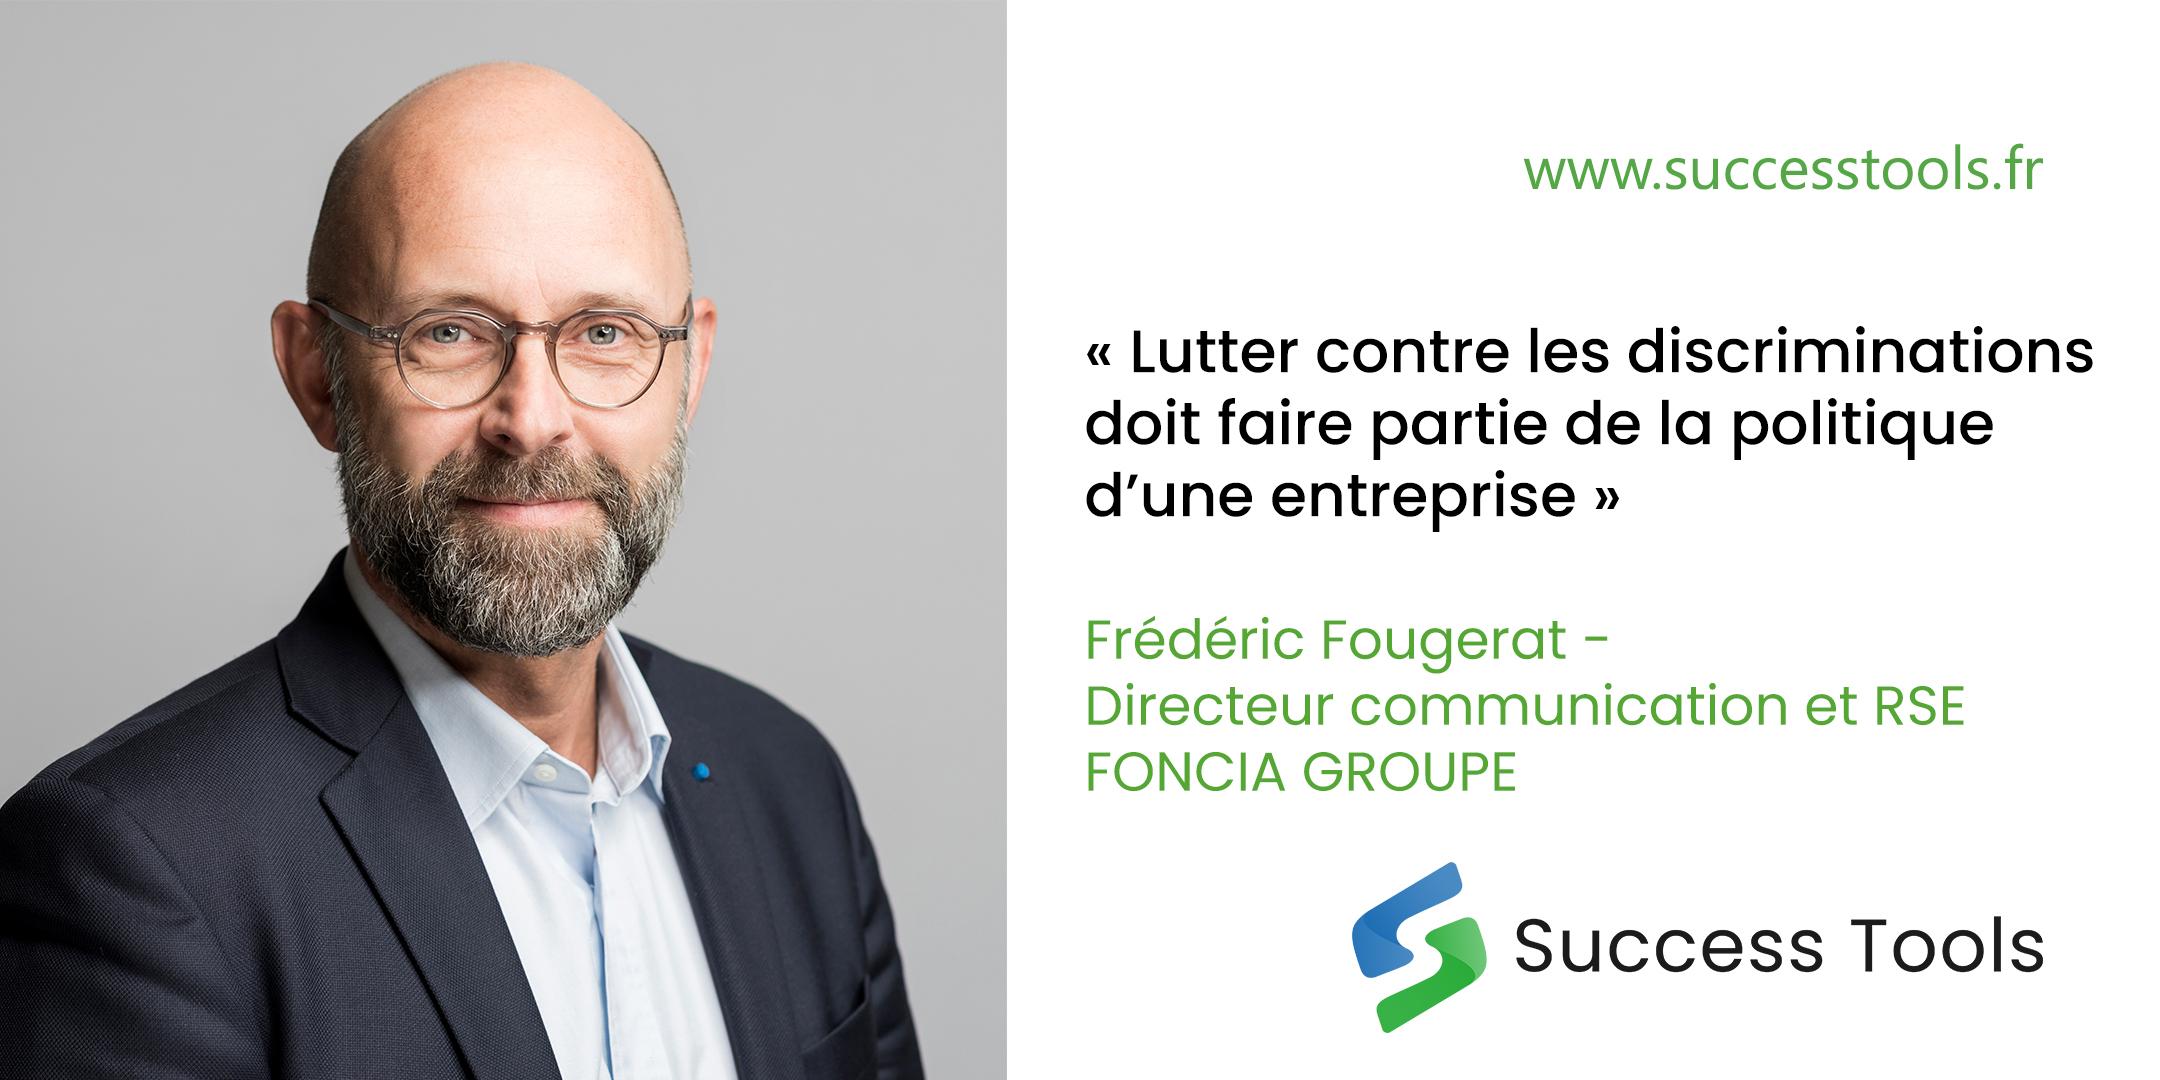 Frédéric Fougerat Interview - « Lutter contre les discriminations doit faire partie de la politique d'une entreprise »